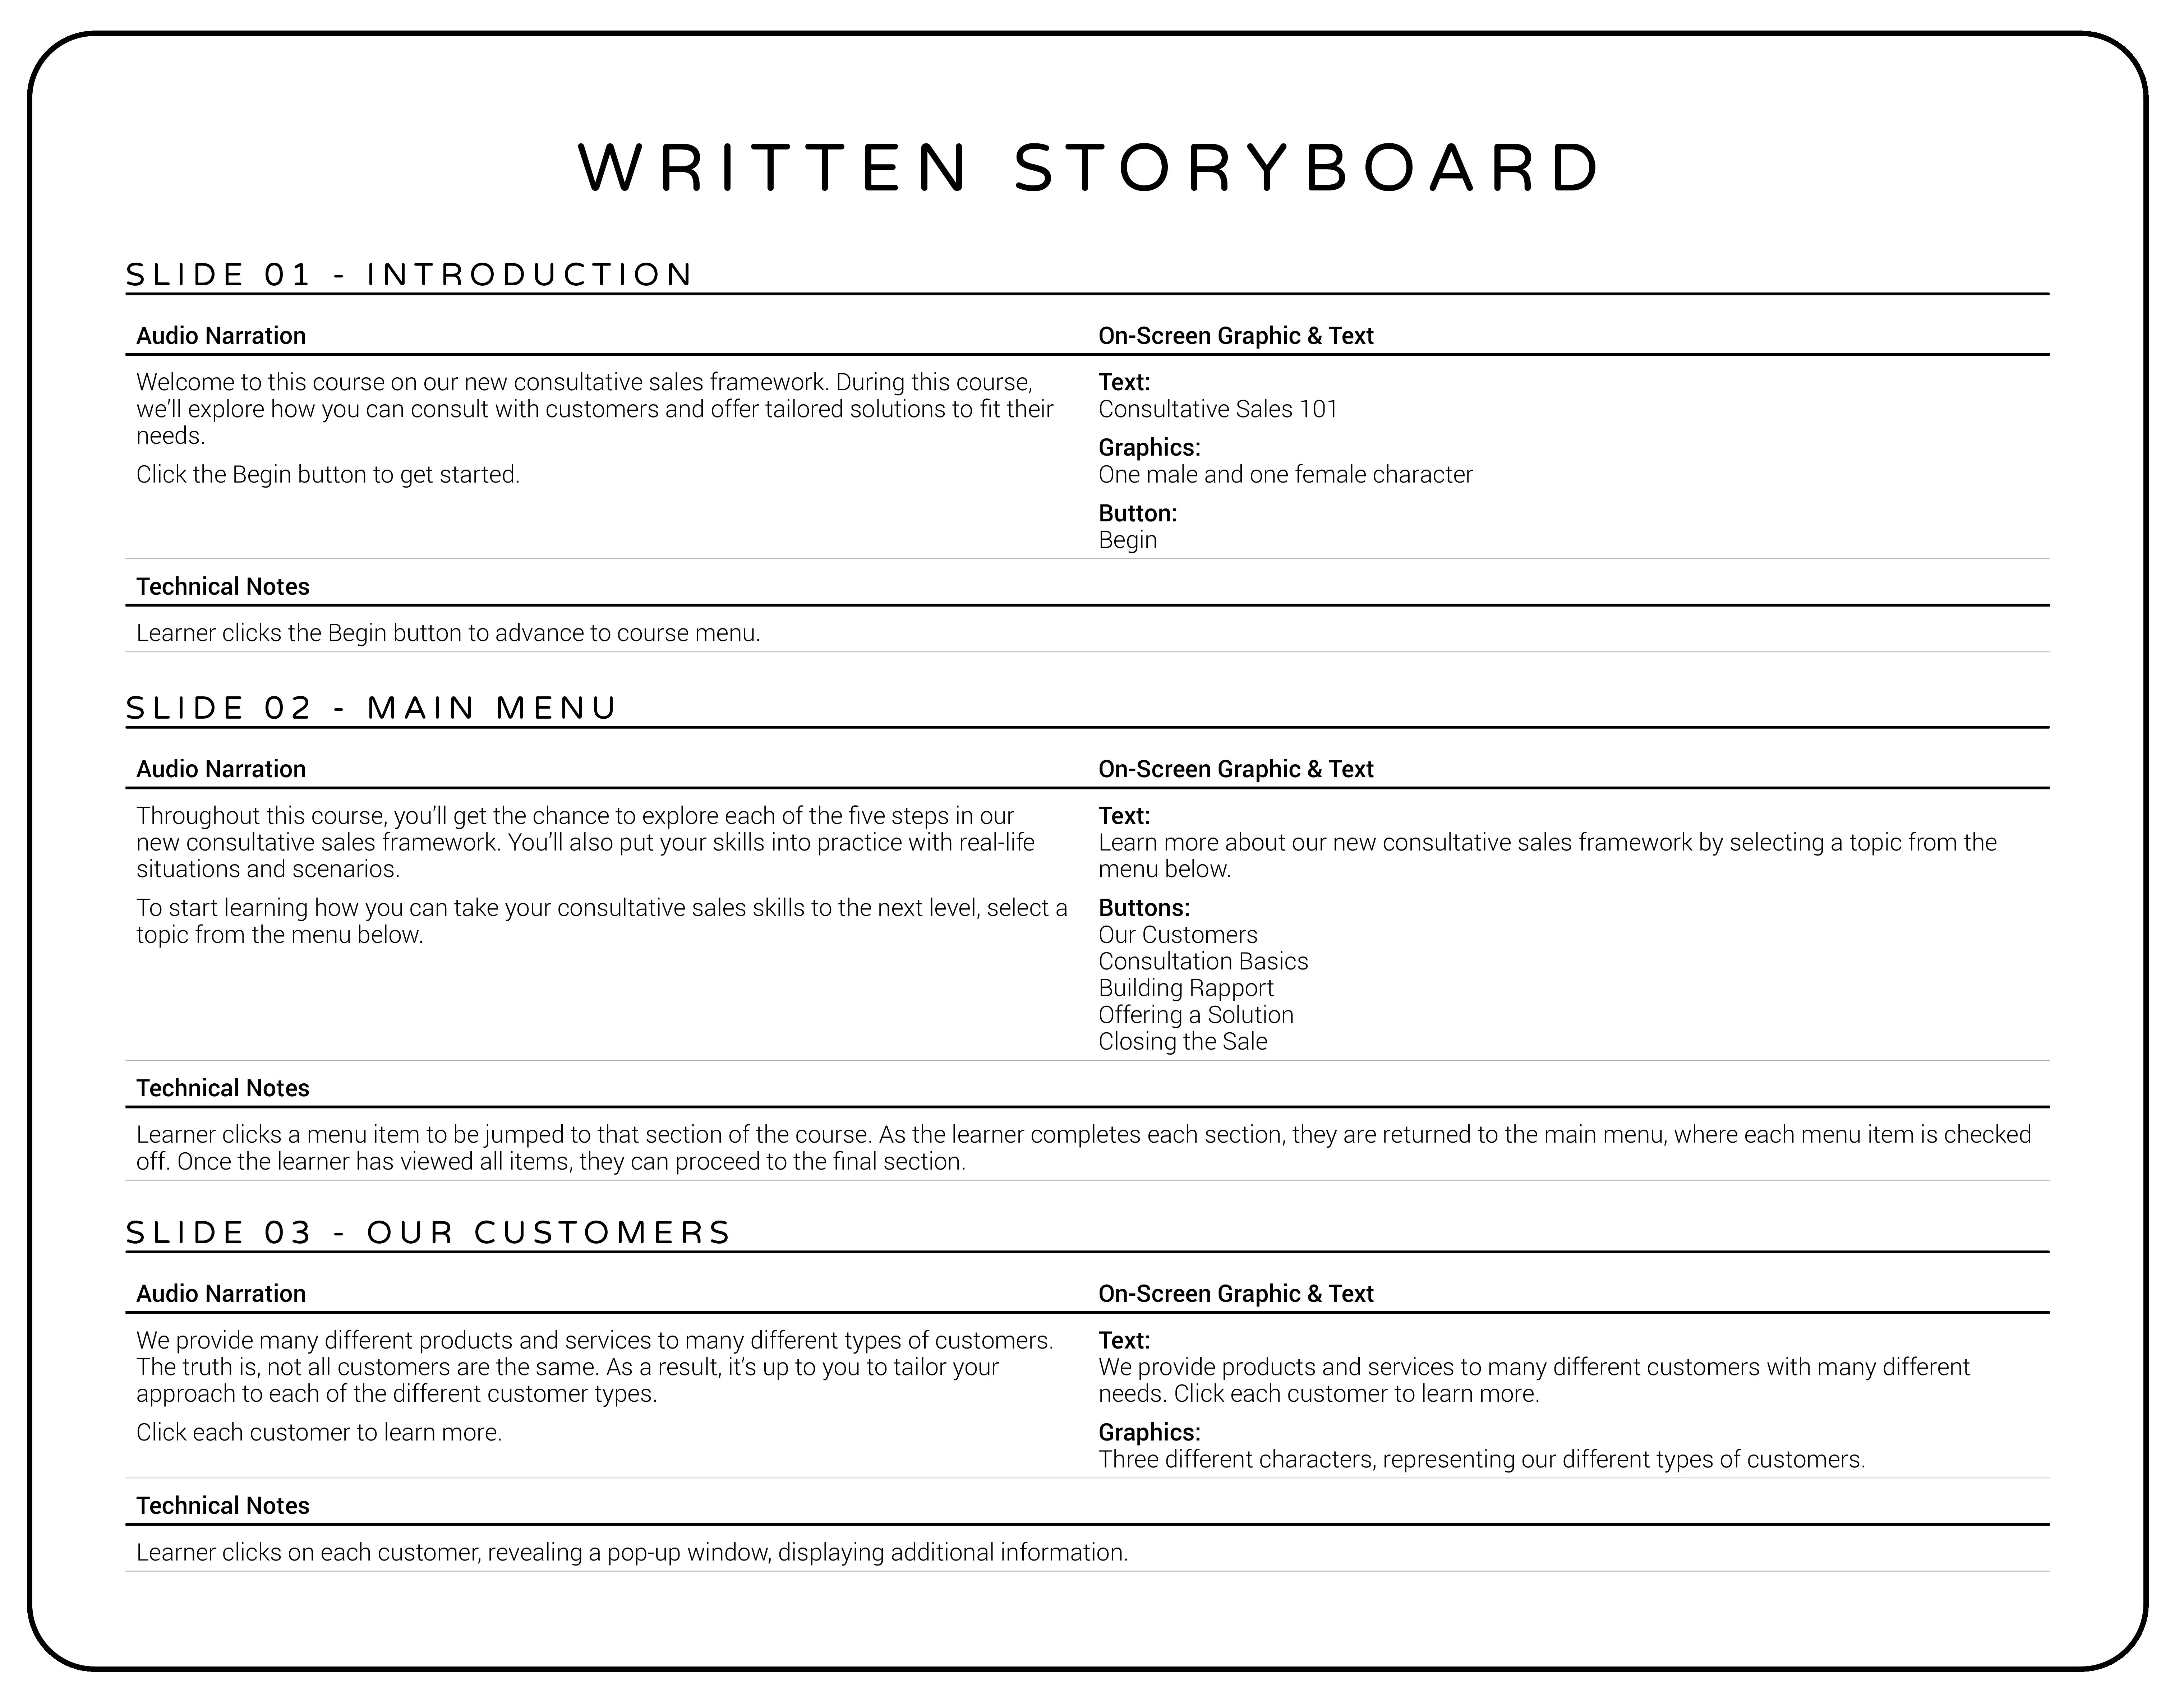 Written eLearning Storyboard Example